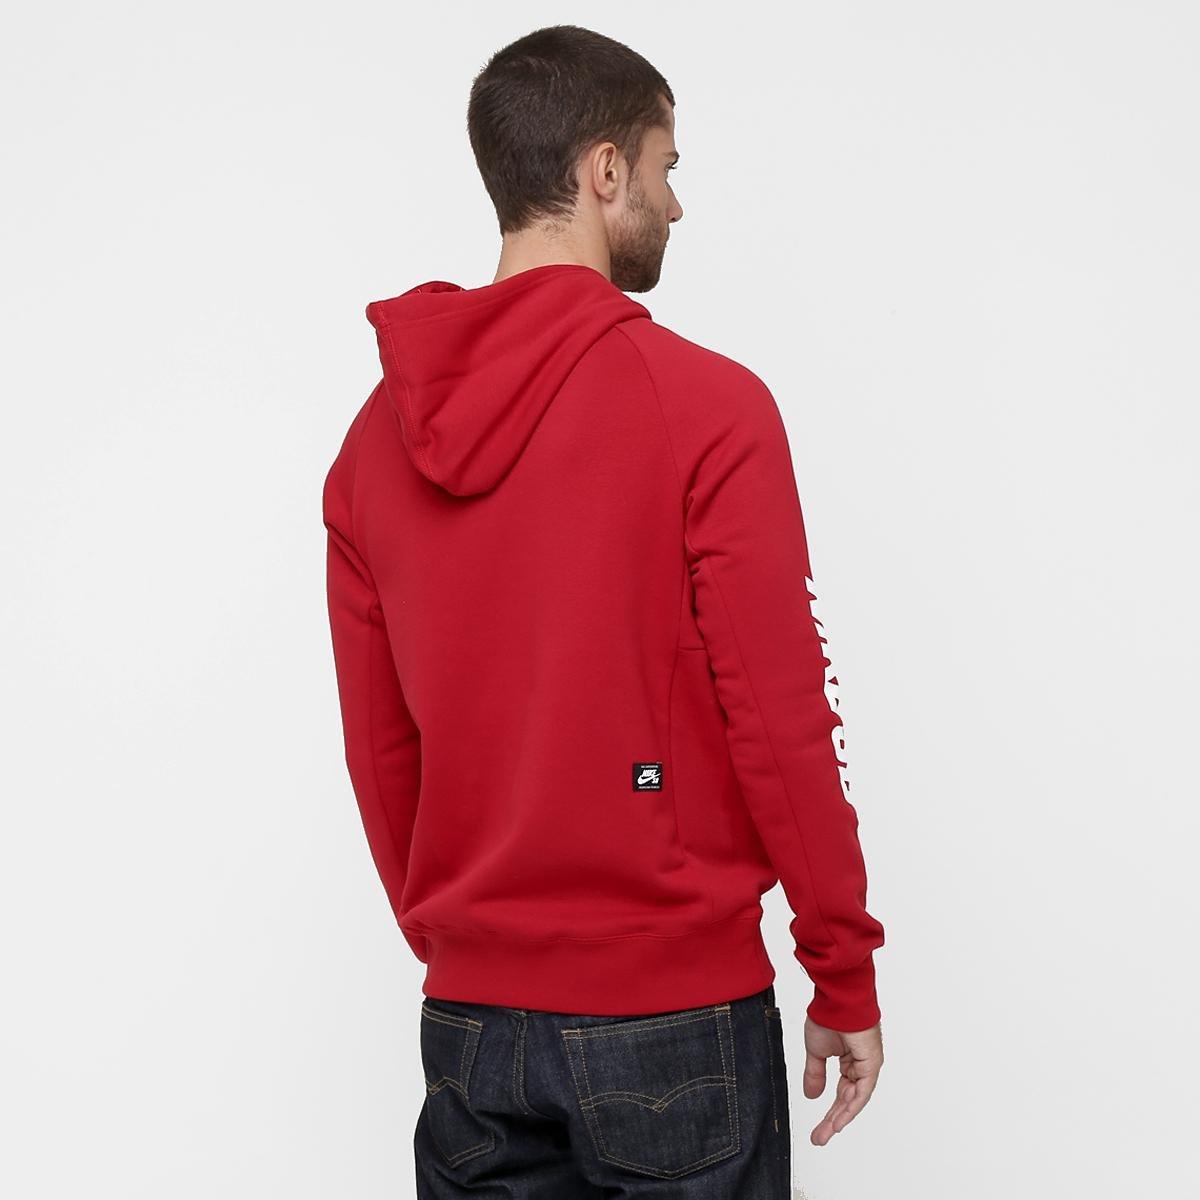 845b21d7e8 Moletom Nike SB Icon Yarn Dye Masculino - Compre Agora